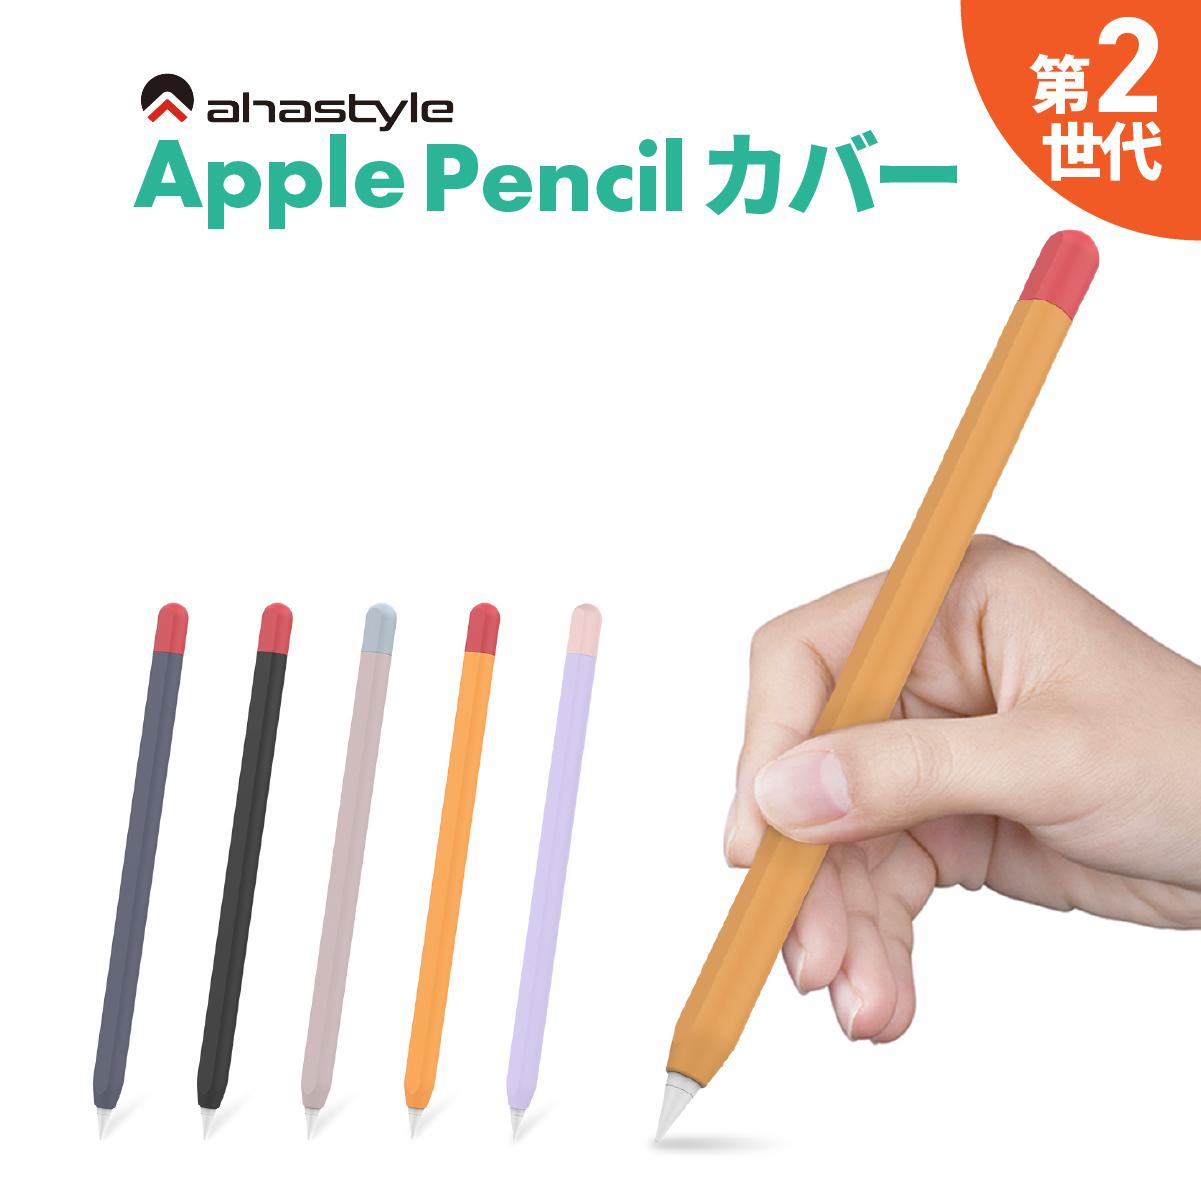 グリップ力がぐんとアップする Apple Pencilケース 第2世代専用 Pencil 第二世代 ケース カバー グリップ 信頼 人気ショップが最安値挑戦 キャップ 充電 マグネット かわいい アップルペンシル シリコン AHAStyle 可能 アハスタイル 滑り止め